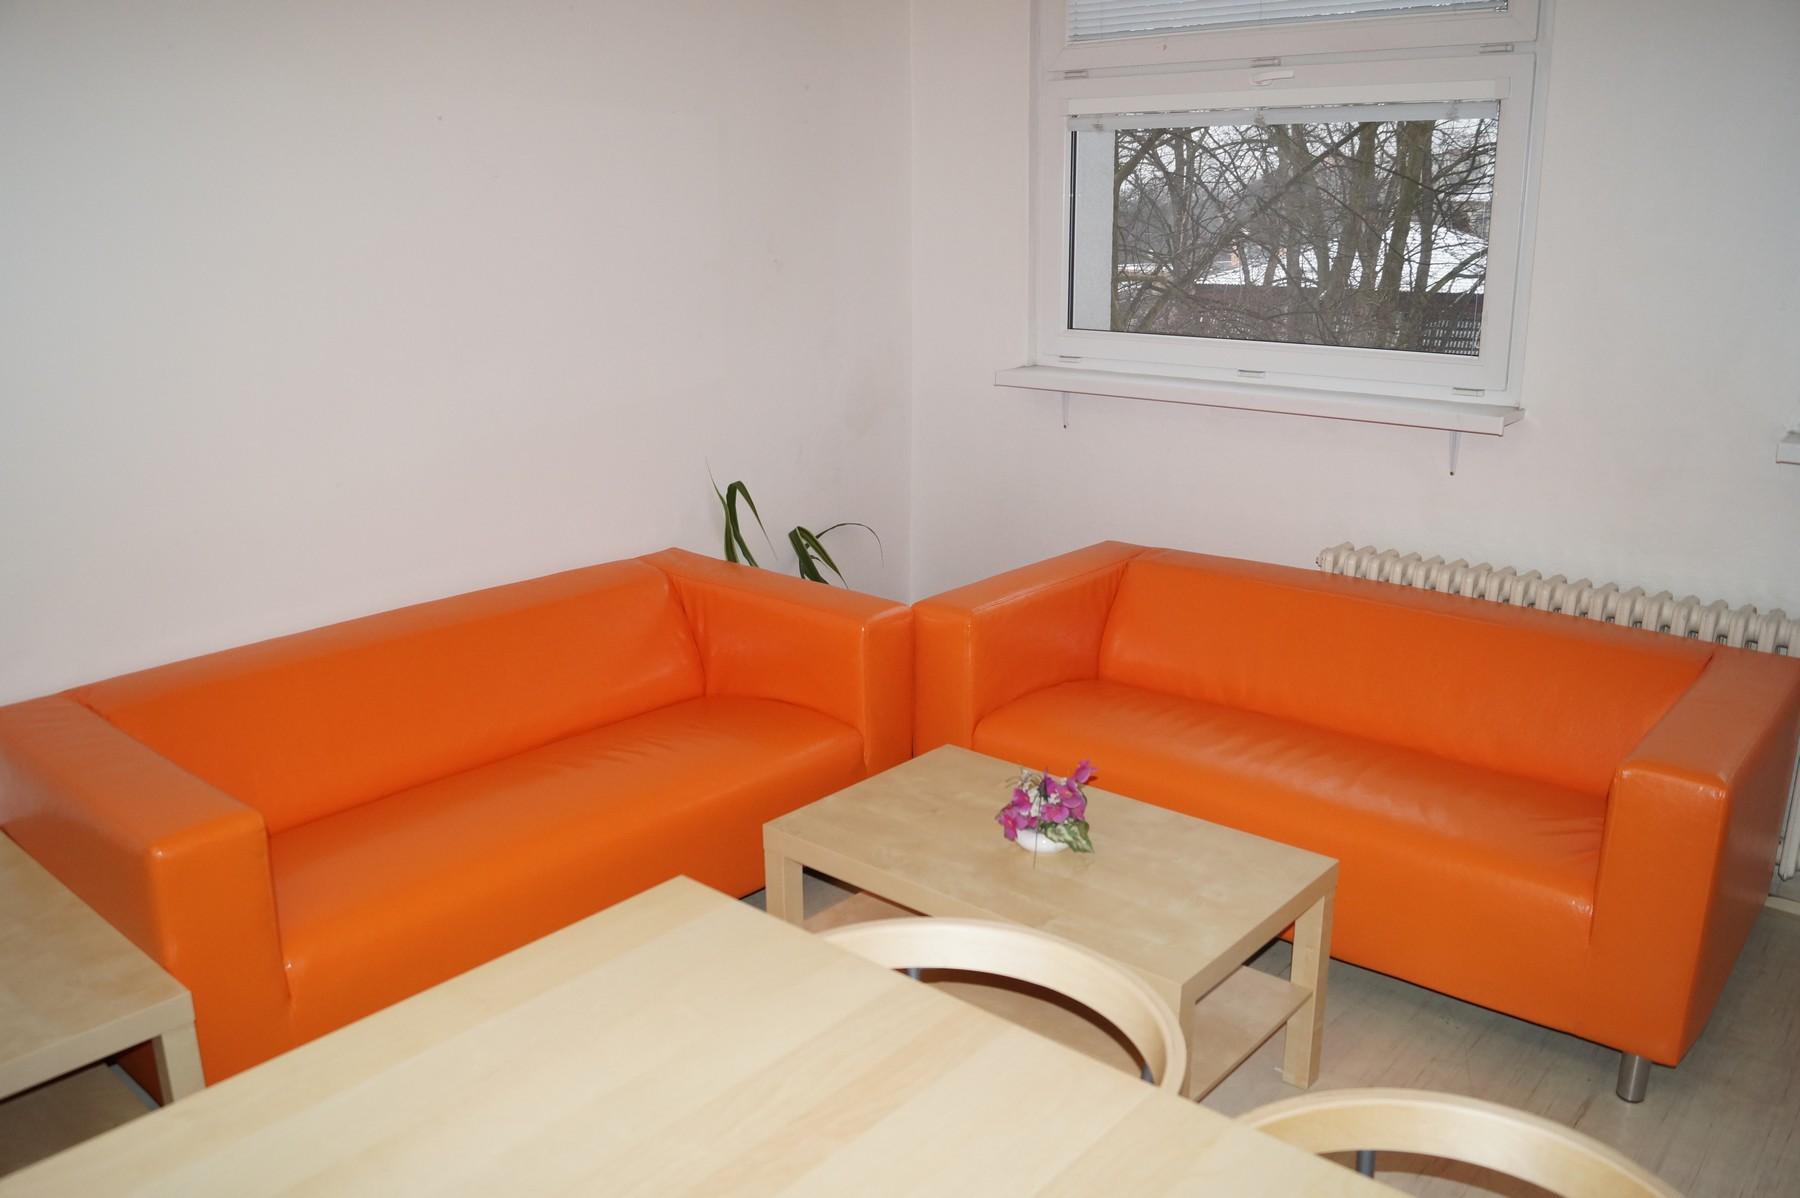 Příležitostné ubytování v Ostravě Mariánských Horách